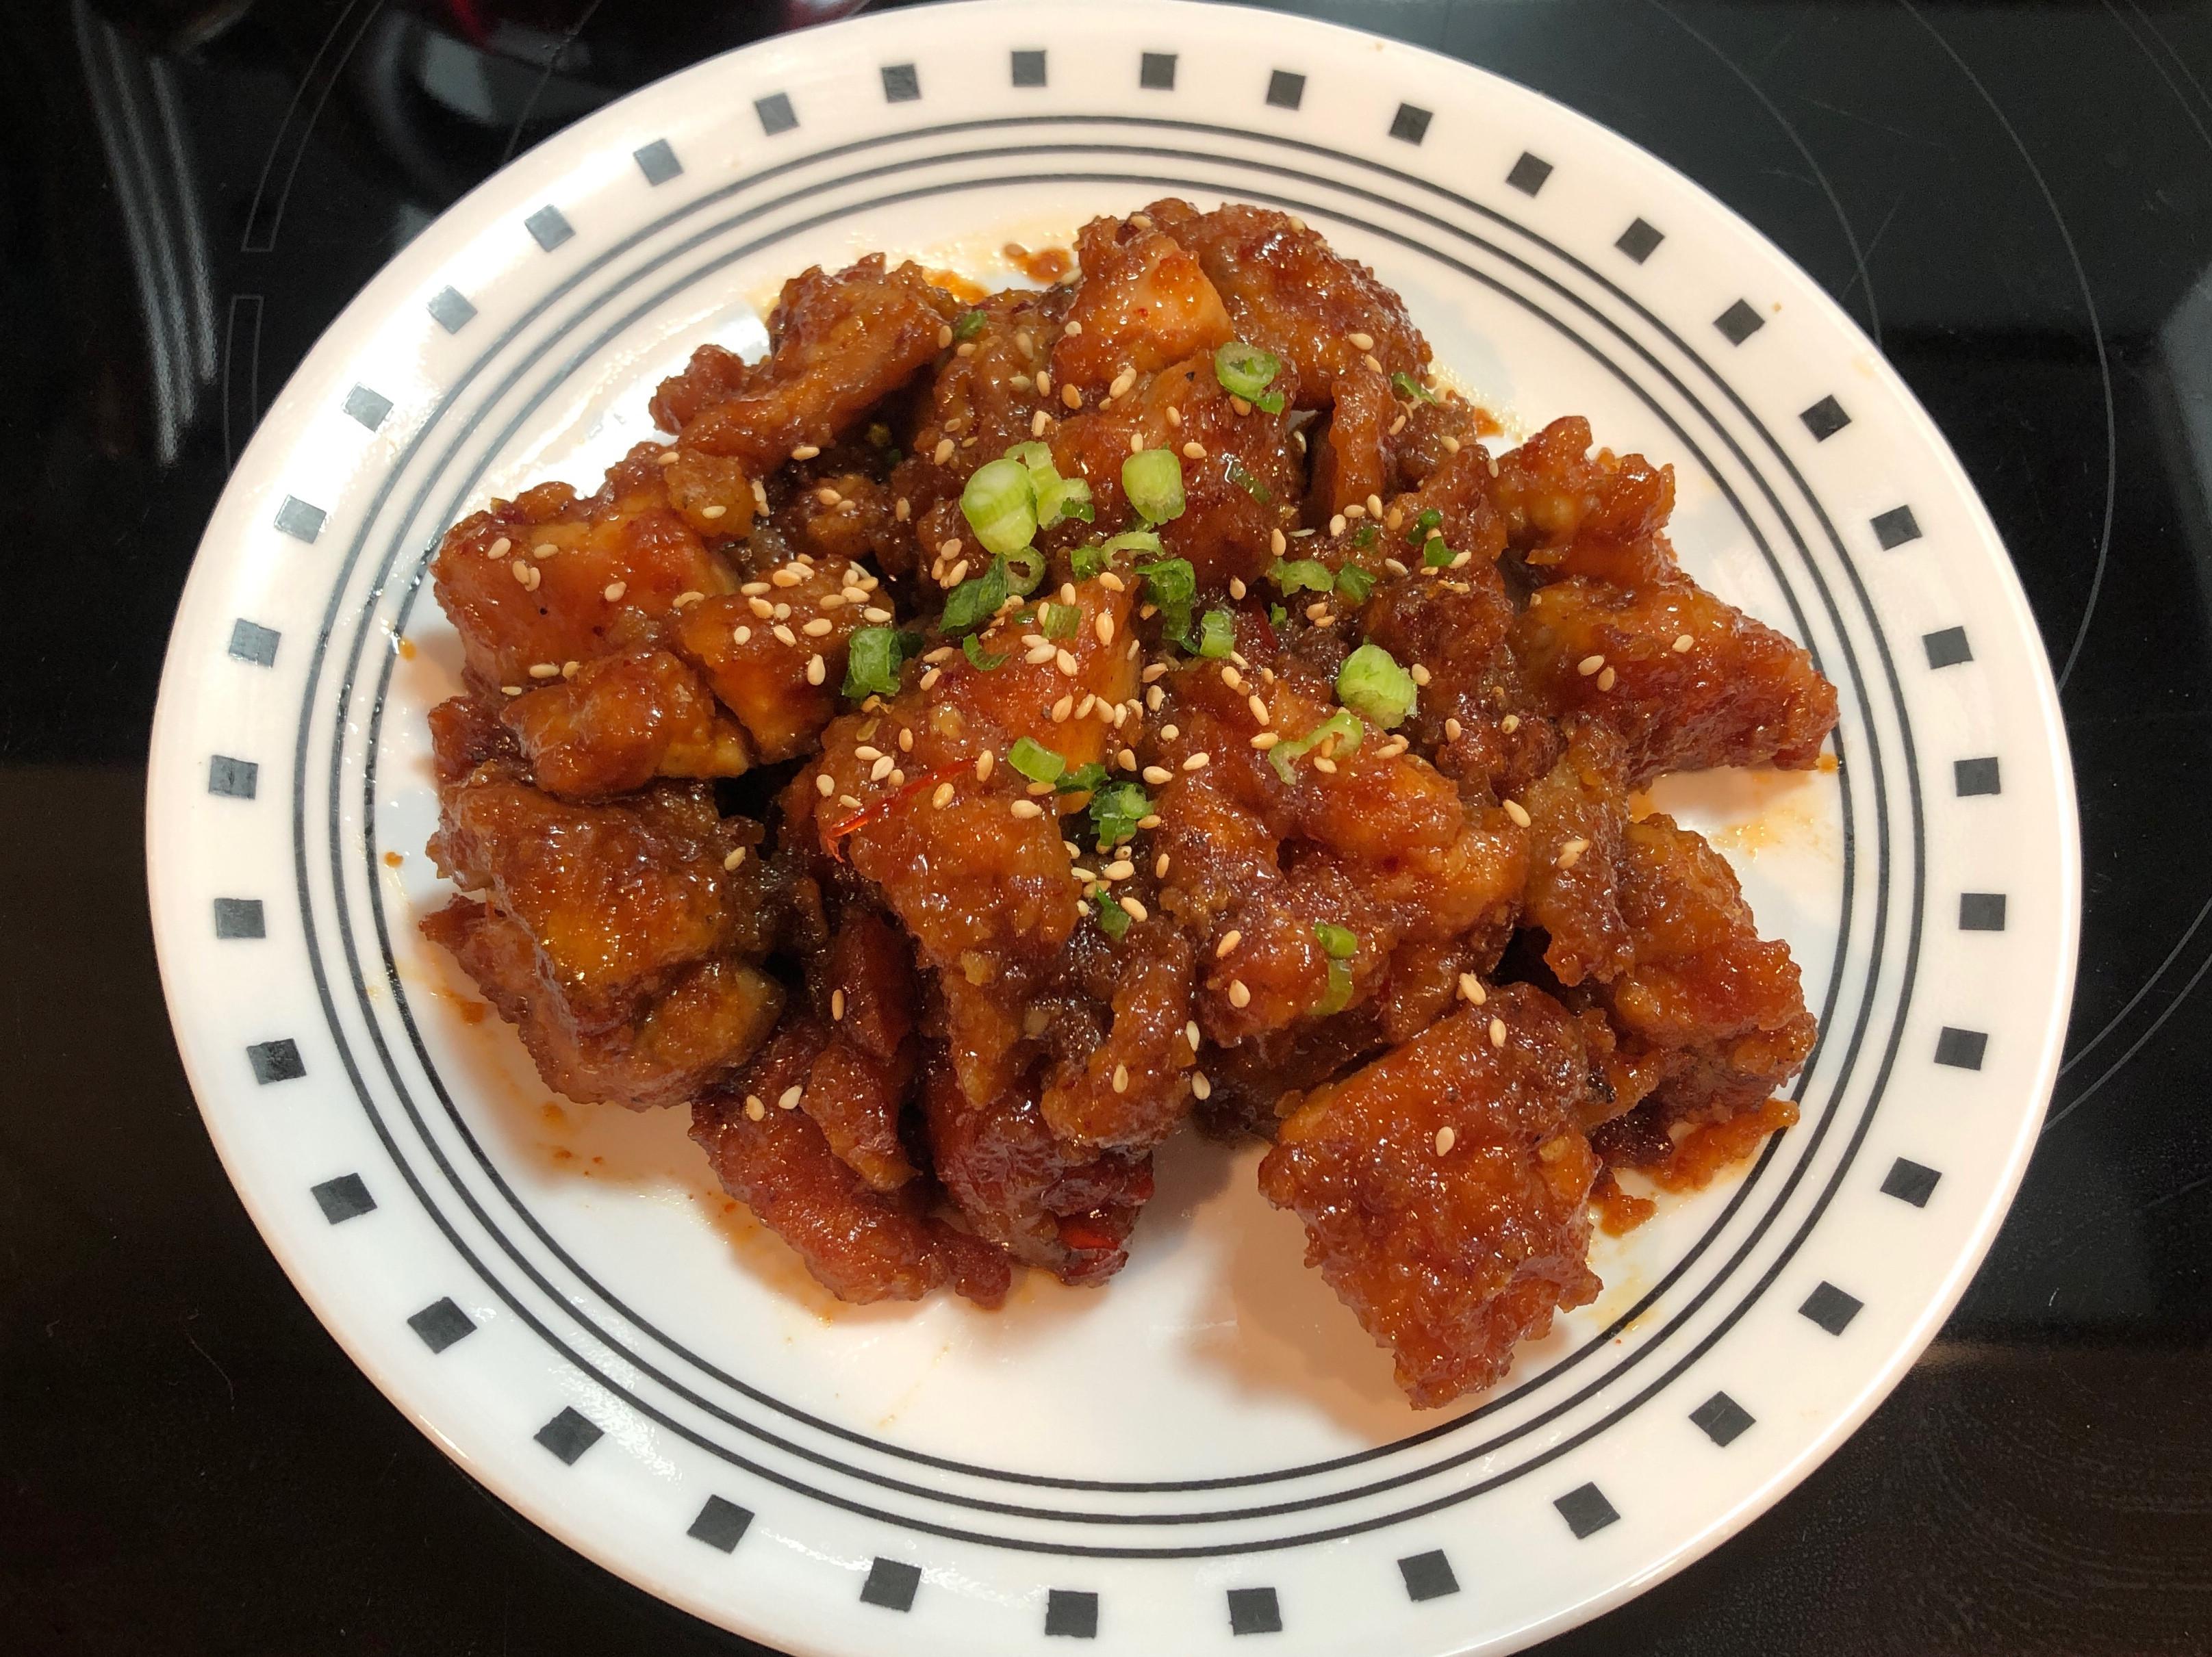 韓式炸雞塊 닭강정 (氣炸鍋)